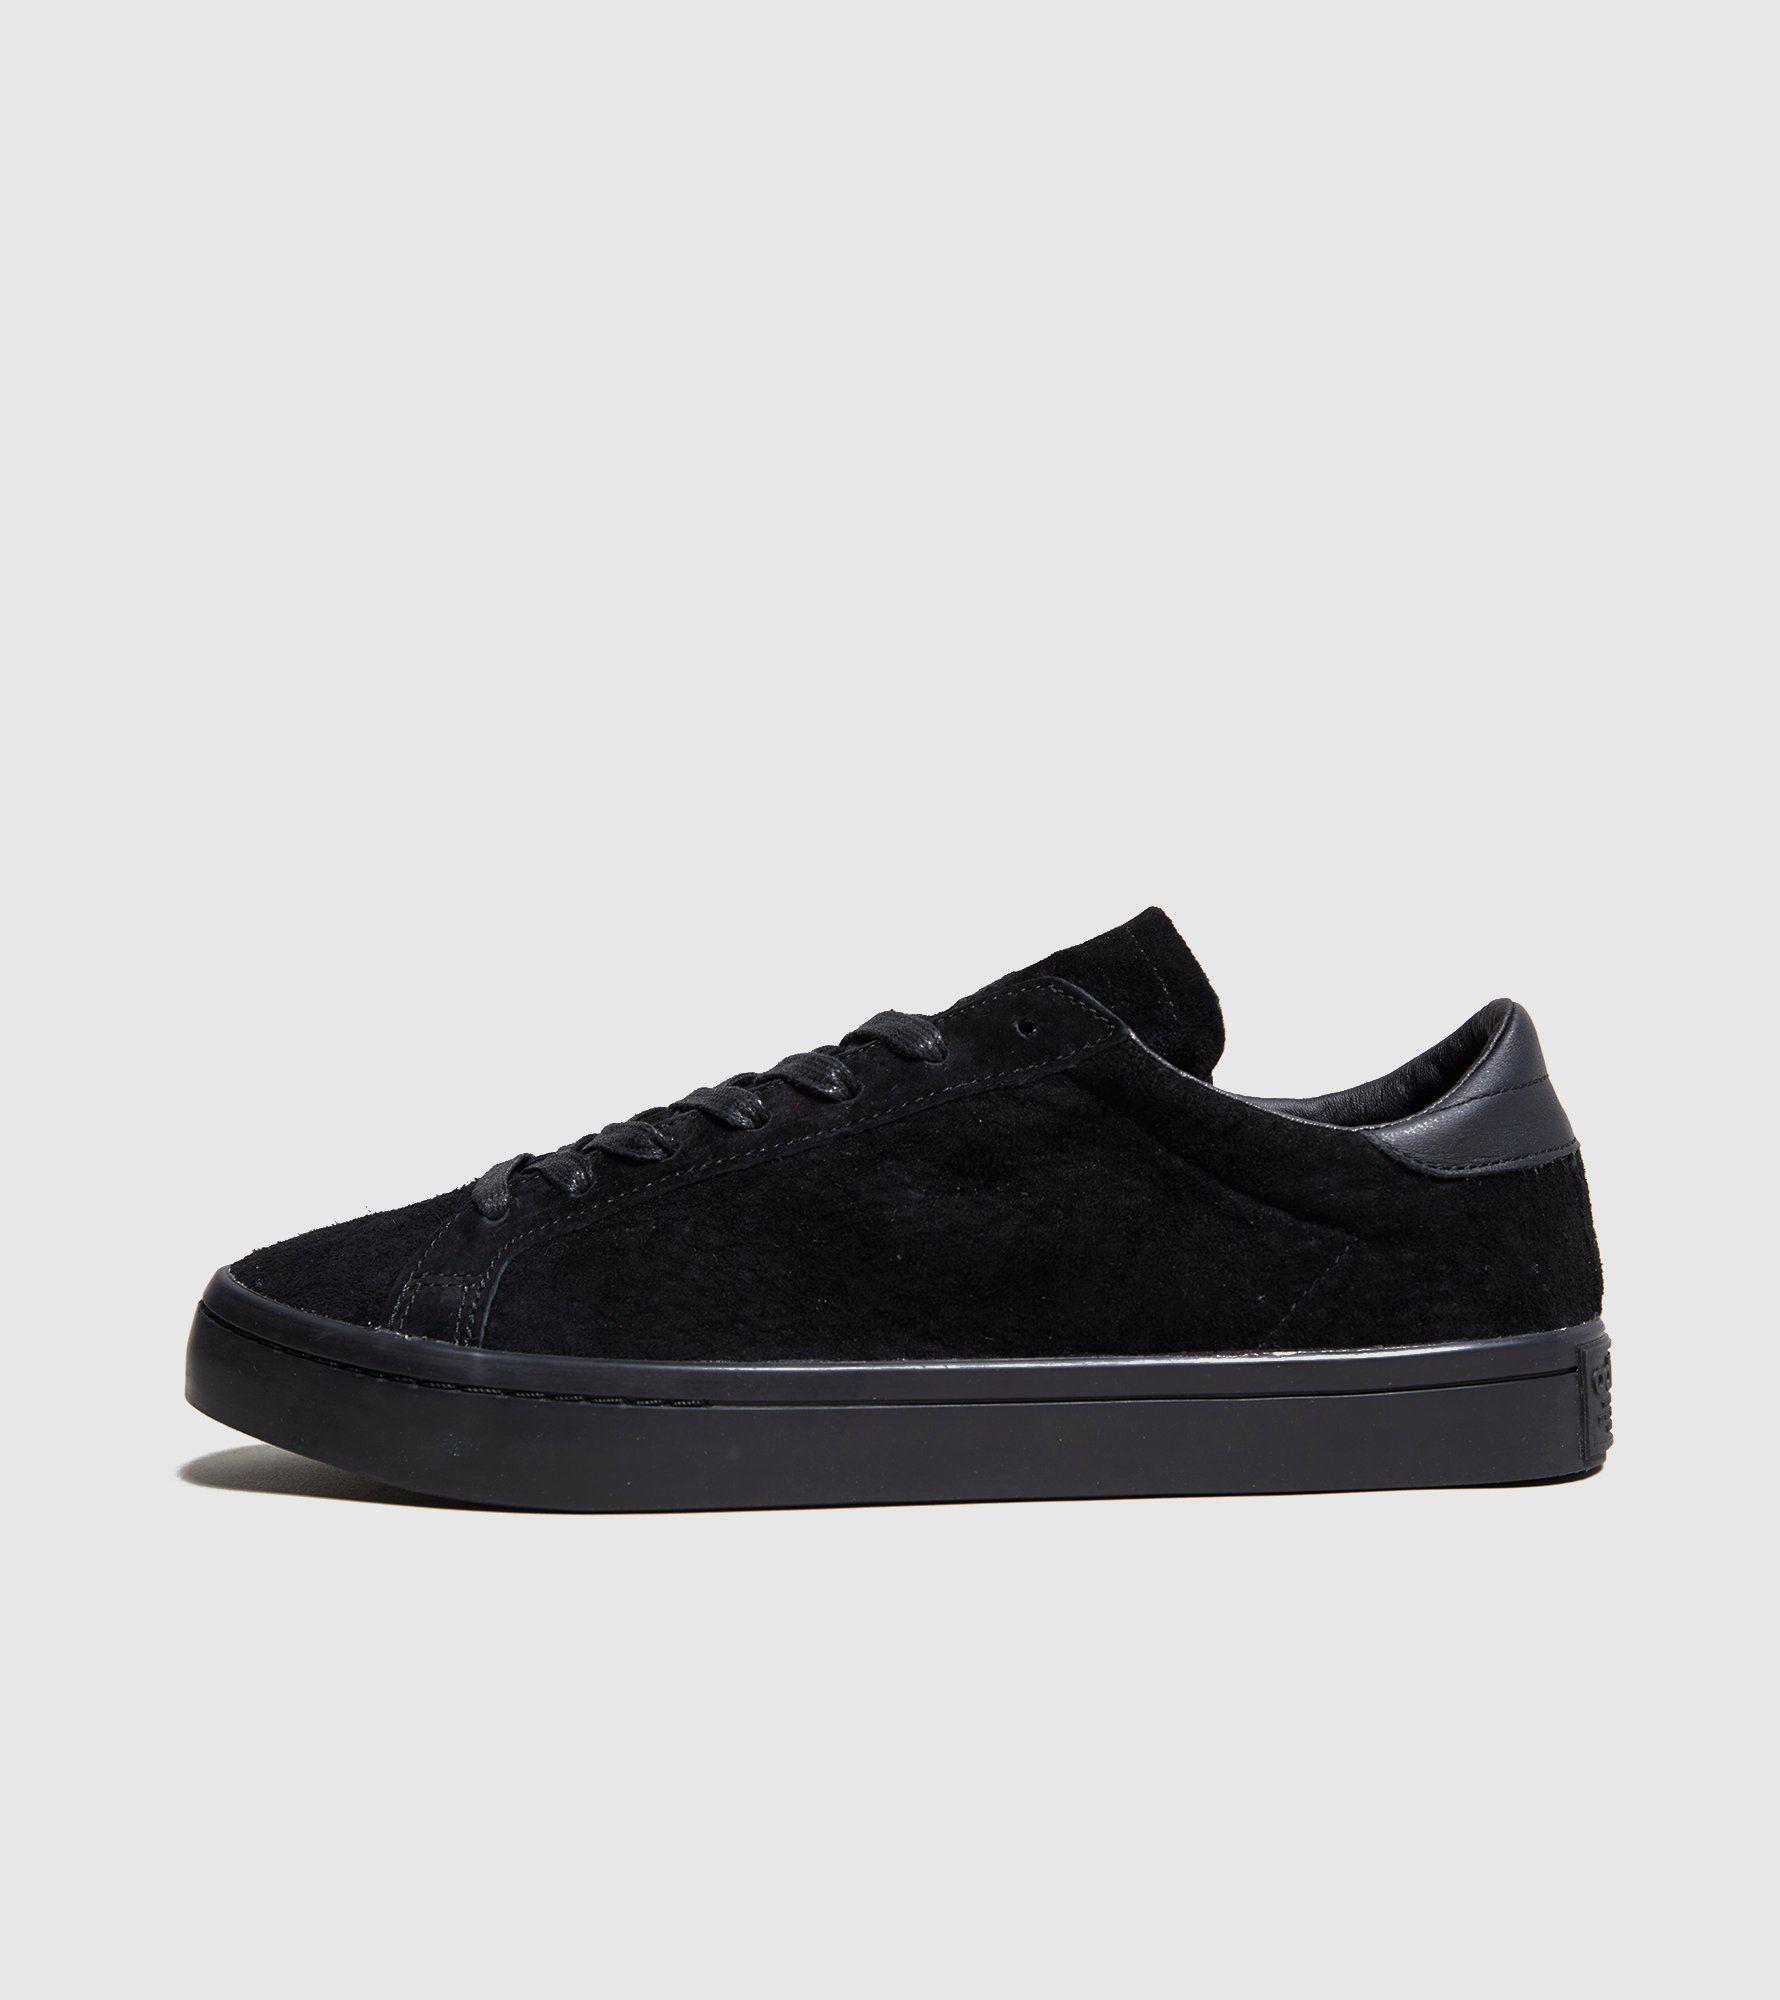 adidas Originals Court Vantage jAAPKu